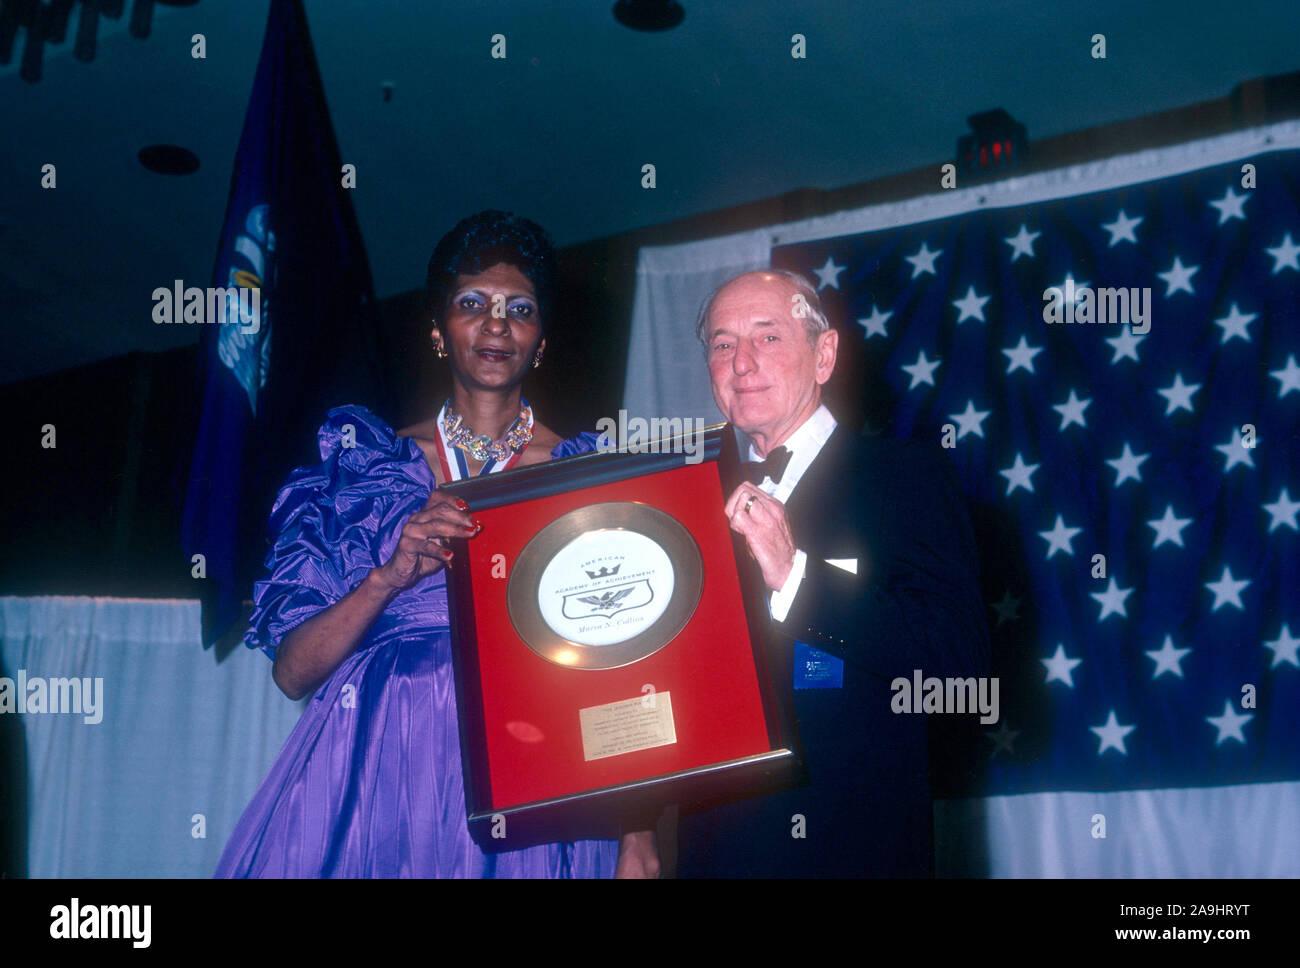 """NEW ORLEANS, LA - 24 DE JUNIO: N. Marva Collins recibe una placa dorada de Ernest W. Hahn para 'Profesor Extraordinario"""" durante el año 1982 la Academia de Logros Premios placa de oro el 24 de junio de 1982 en Nueva Orleans, Luisiana. (Foto por Hy Peskin) *** Local Caption *** Marva N. Collins;Ernest W. Hahn Foto de stock"""